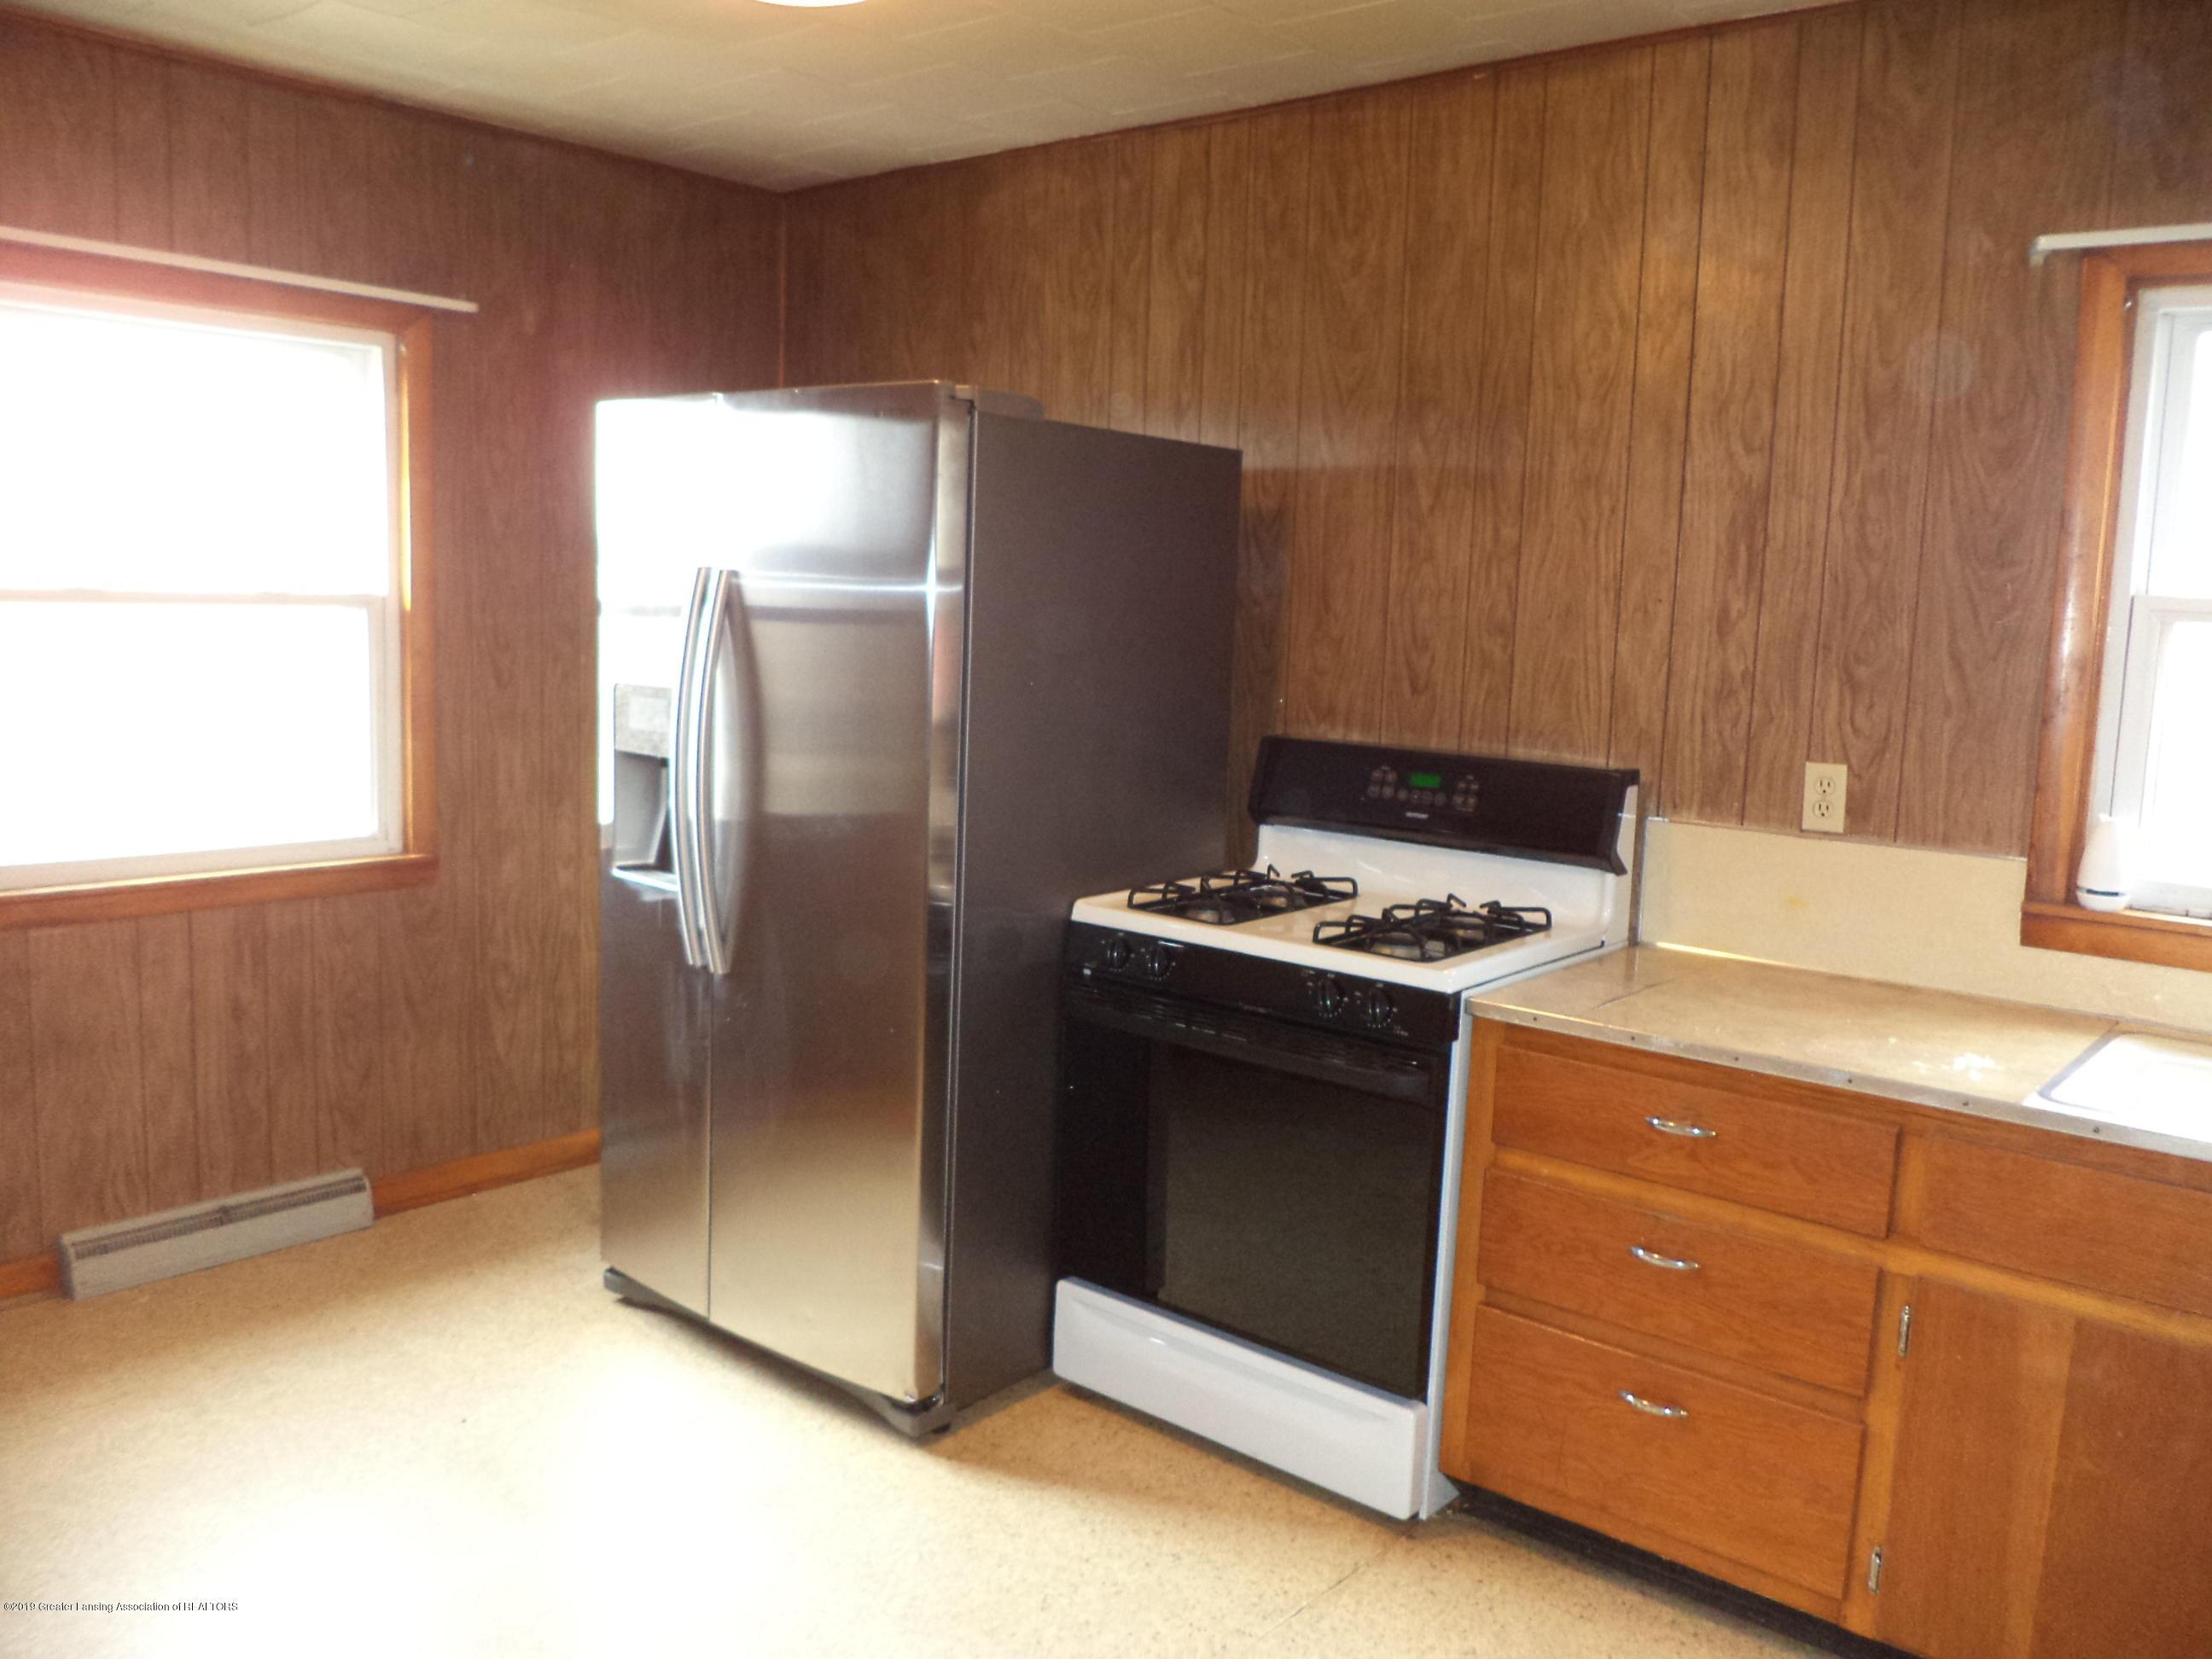 4861 E Parks Rd - Appliances - 8